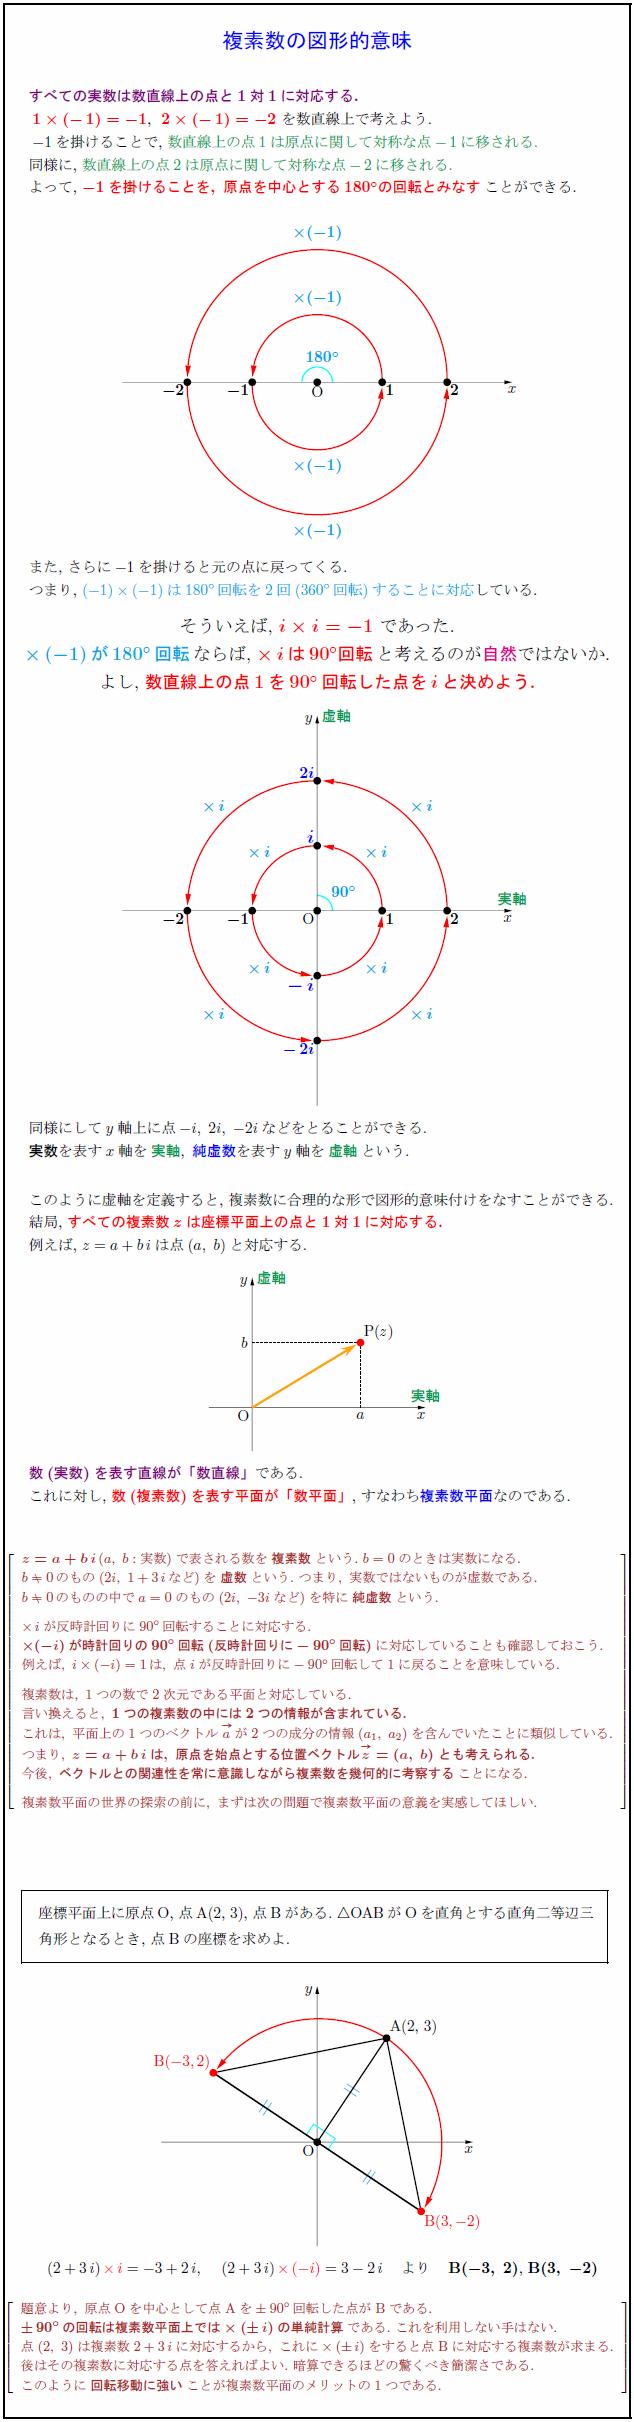 complex-plane